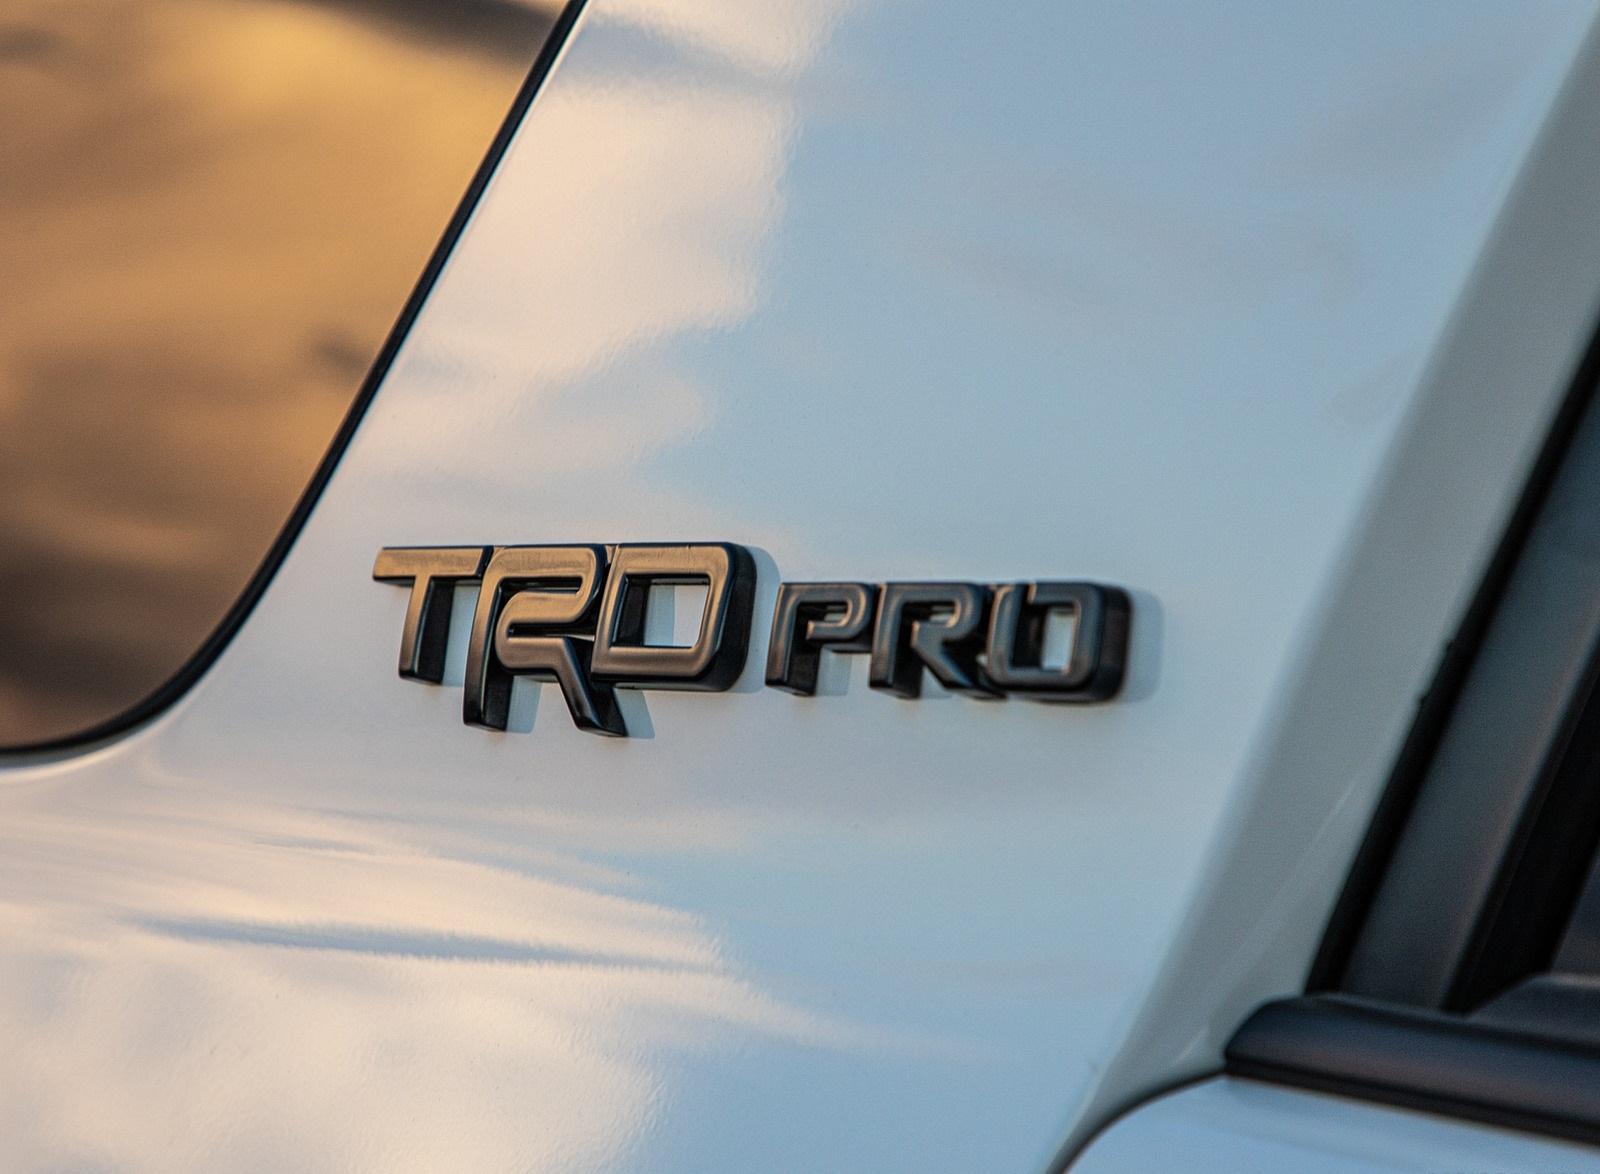 2020 Toyota 4Runner TRD Pro Badge Wallpapers (9)